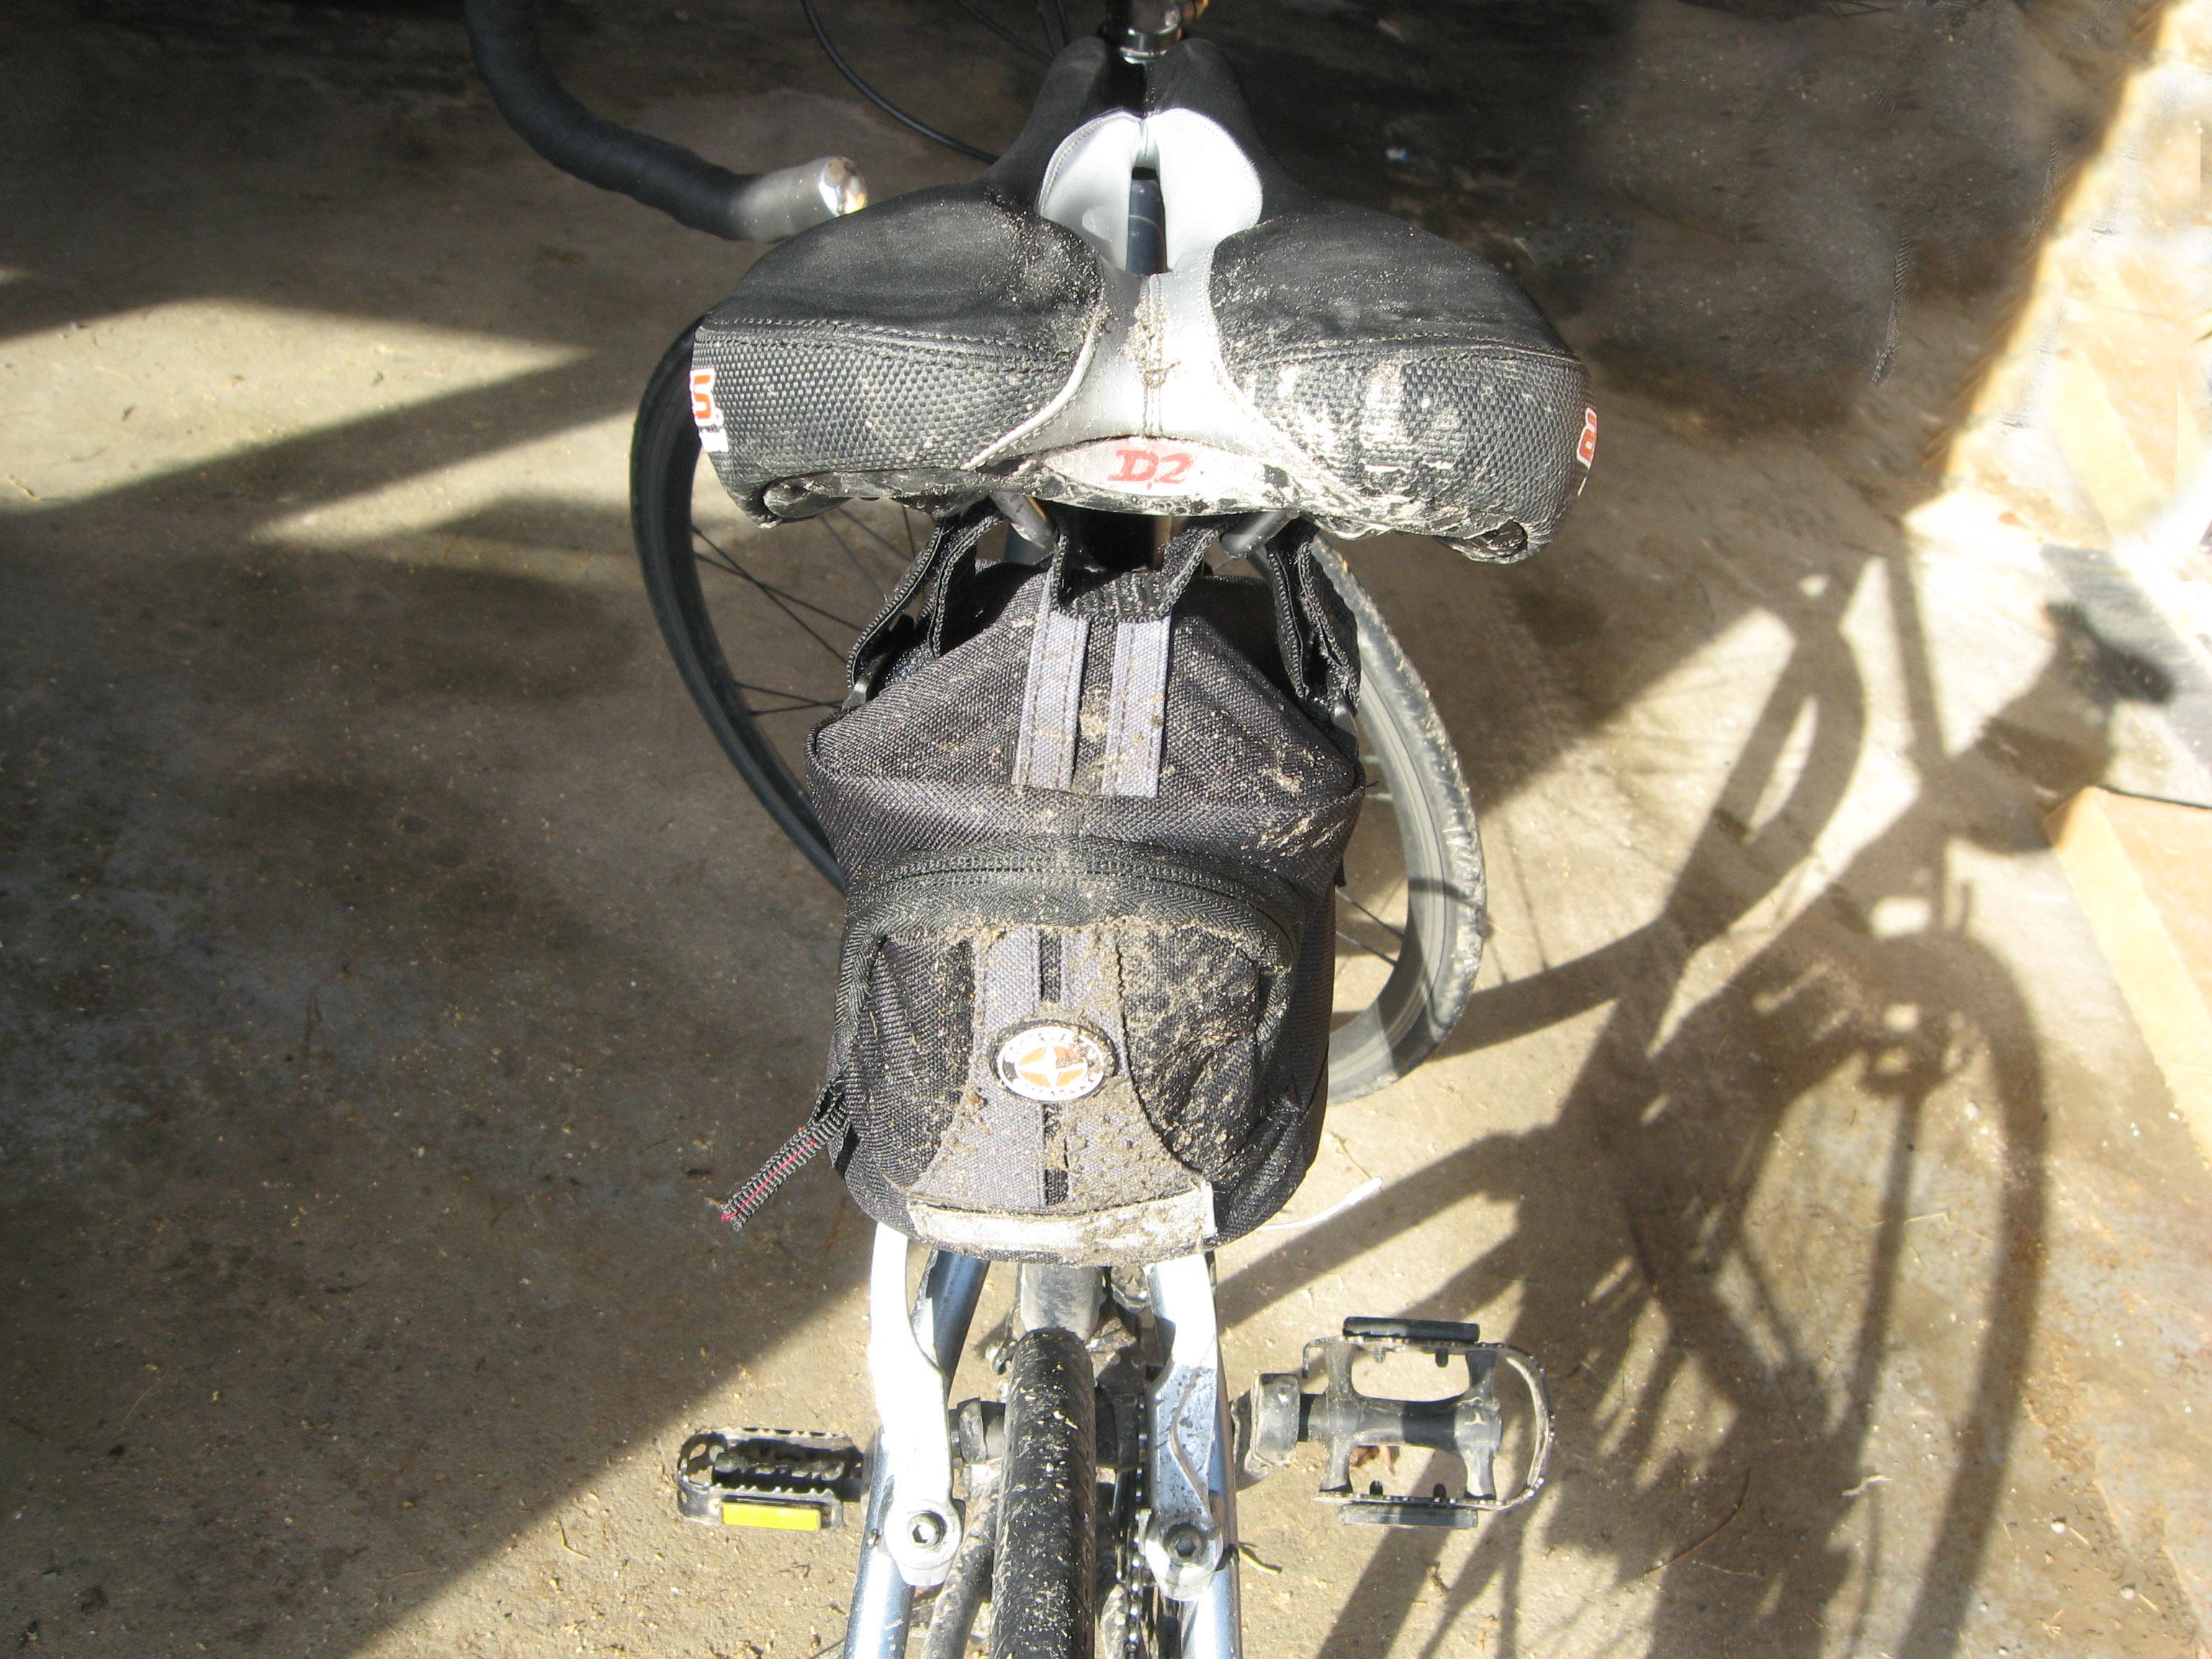 A very muddy road bike